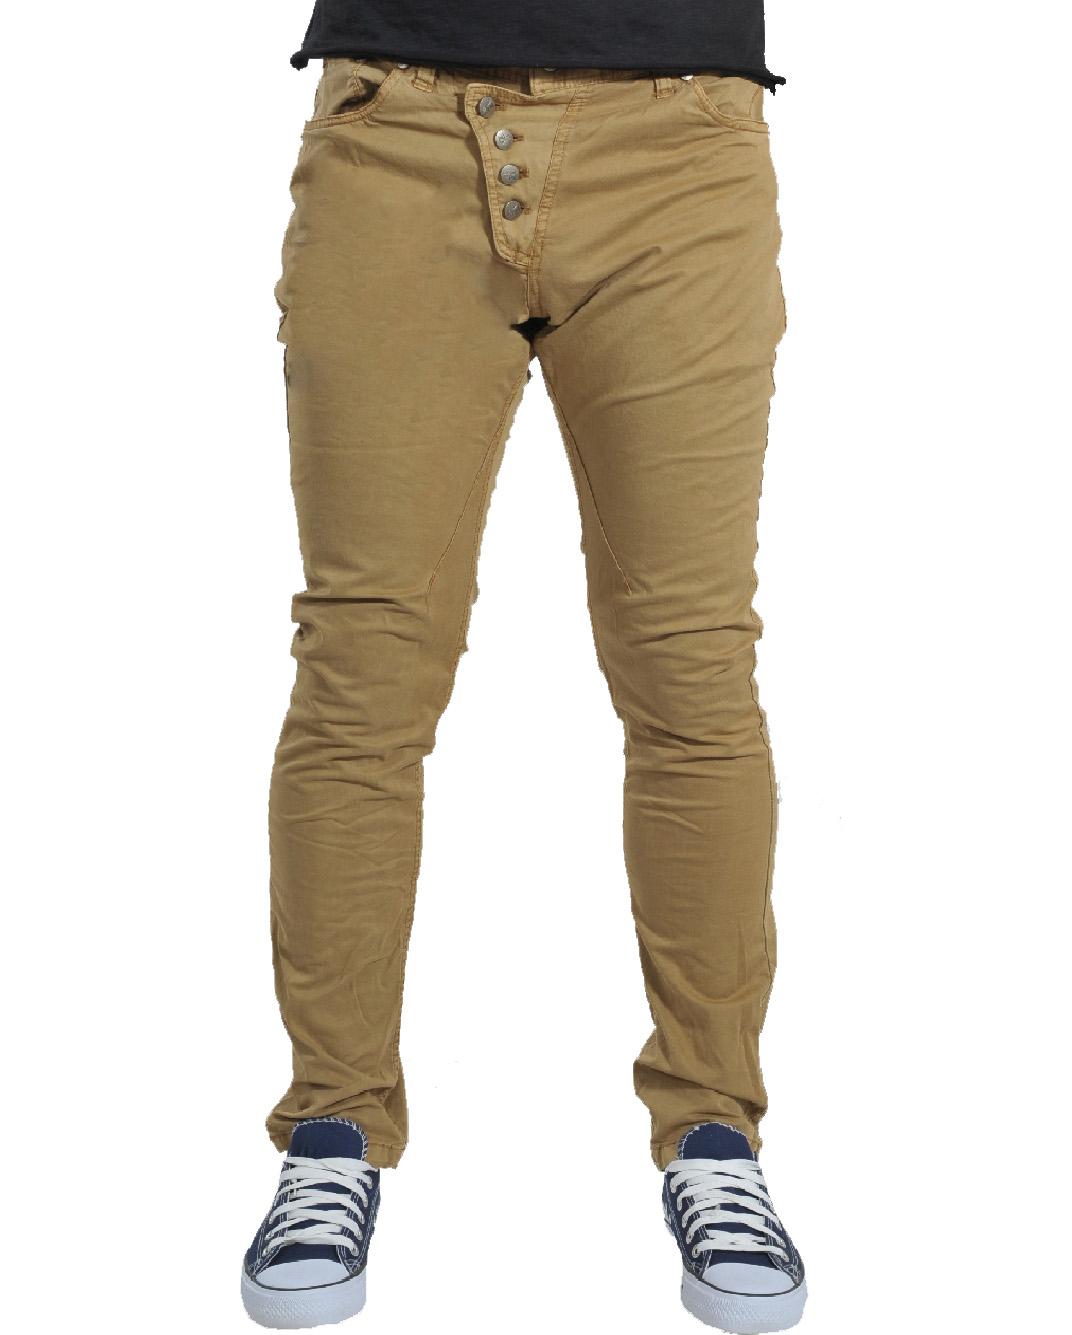 Ανδρικό Chino Παντελόνι Light Brown Crooked-Καφέ Ανοικτό αρχική ανδρικά ρούχα παντελόνια παντελόνια chinos